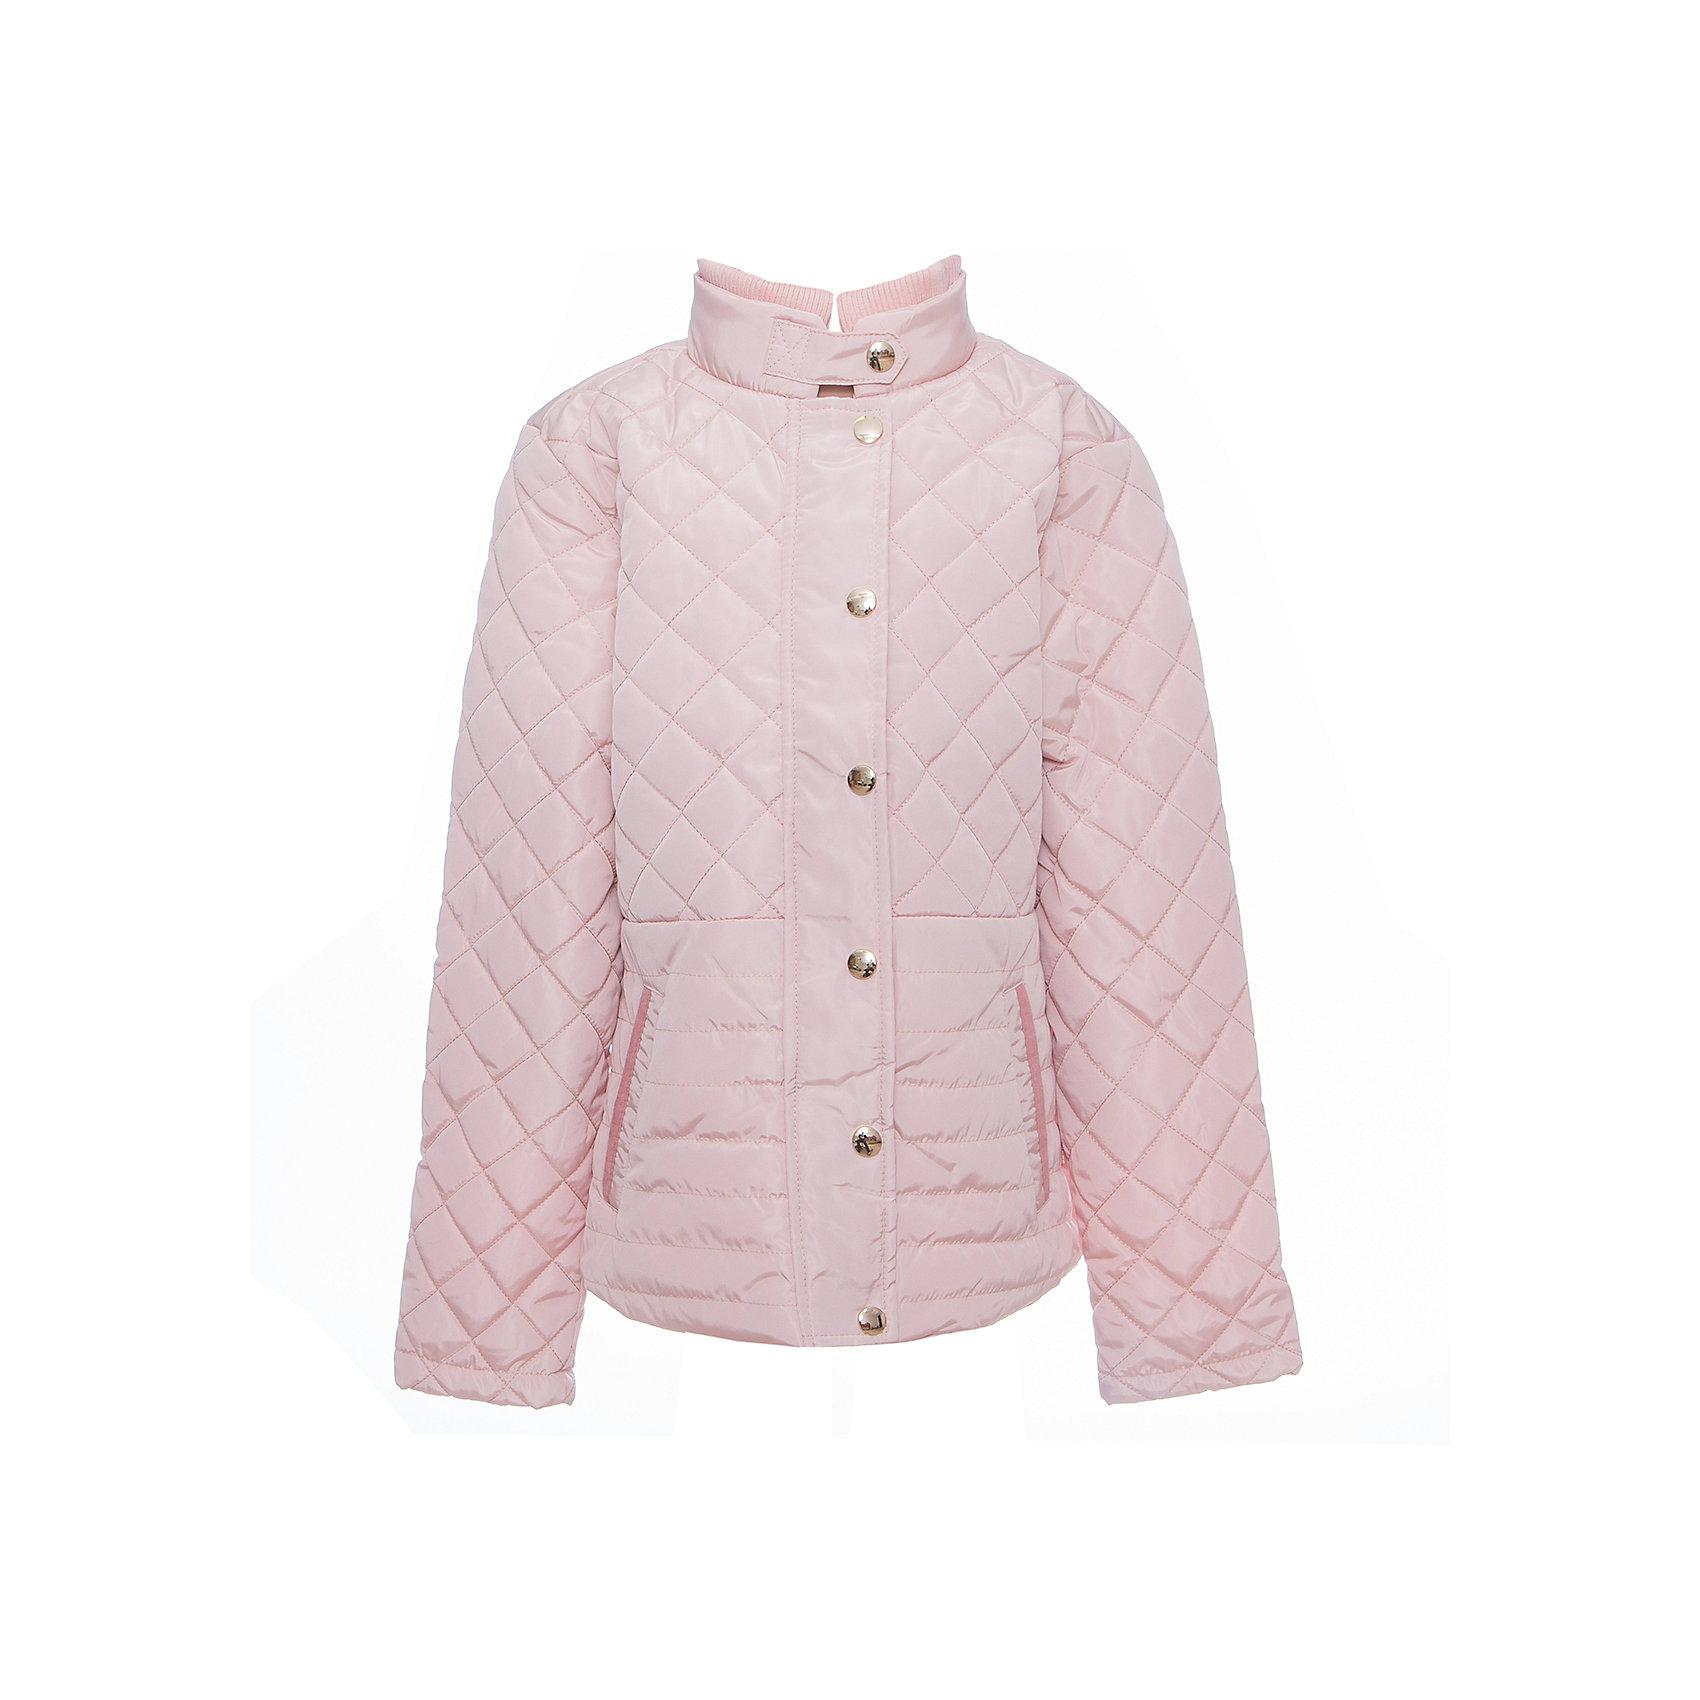 Куртка для девочки LuminosoВерхняя одежда<br>Стильная, стеганая куртка для девочки с воротником-стойкой и ветрозащитной планкой. Два прорезных карманы. Застегивается на молнию.<br>Состав:<br>Верх: 100%полиэстер.  Подкладка: 100%полиэстер. Наполнитель: 100%полиэстер<br><br>Ширина мм: 356<br>Глубина мм: 10<br>Высота мм: 245<br>Вес г: 519<br>Цвет: розовый<br>Возраст от месяцев: 108<br>Возраст до месяцев: 120<br>Пол: Женский<br>Возраст: Детский<br>Размер: 140,134,146,152,158,164<br>SKU: 5413228